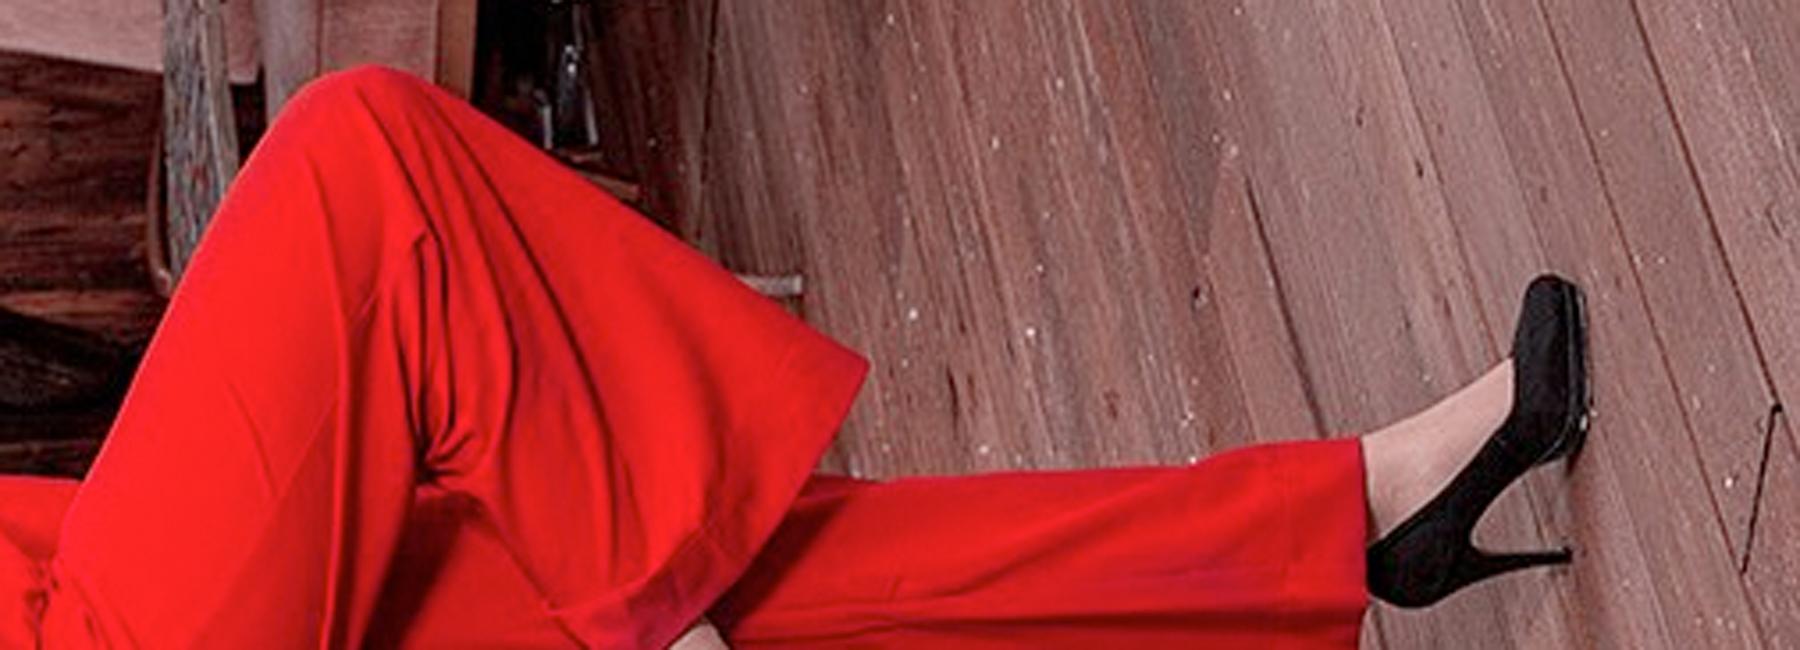 Ein Hauch von Old Hollywood kommt mit eleganten Vintage-Jumpsuits im Stil der 20er, 30er und 40er Jahre ins Spiel. Die charakteristischen Overalls sehen an jeder Frau toll aus und sind dabei unschlagbar bequem!